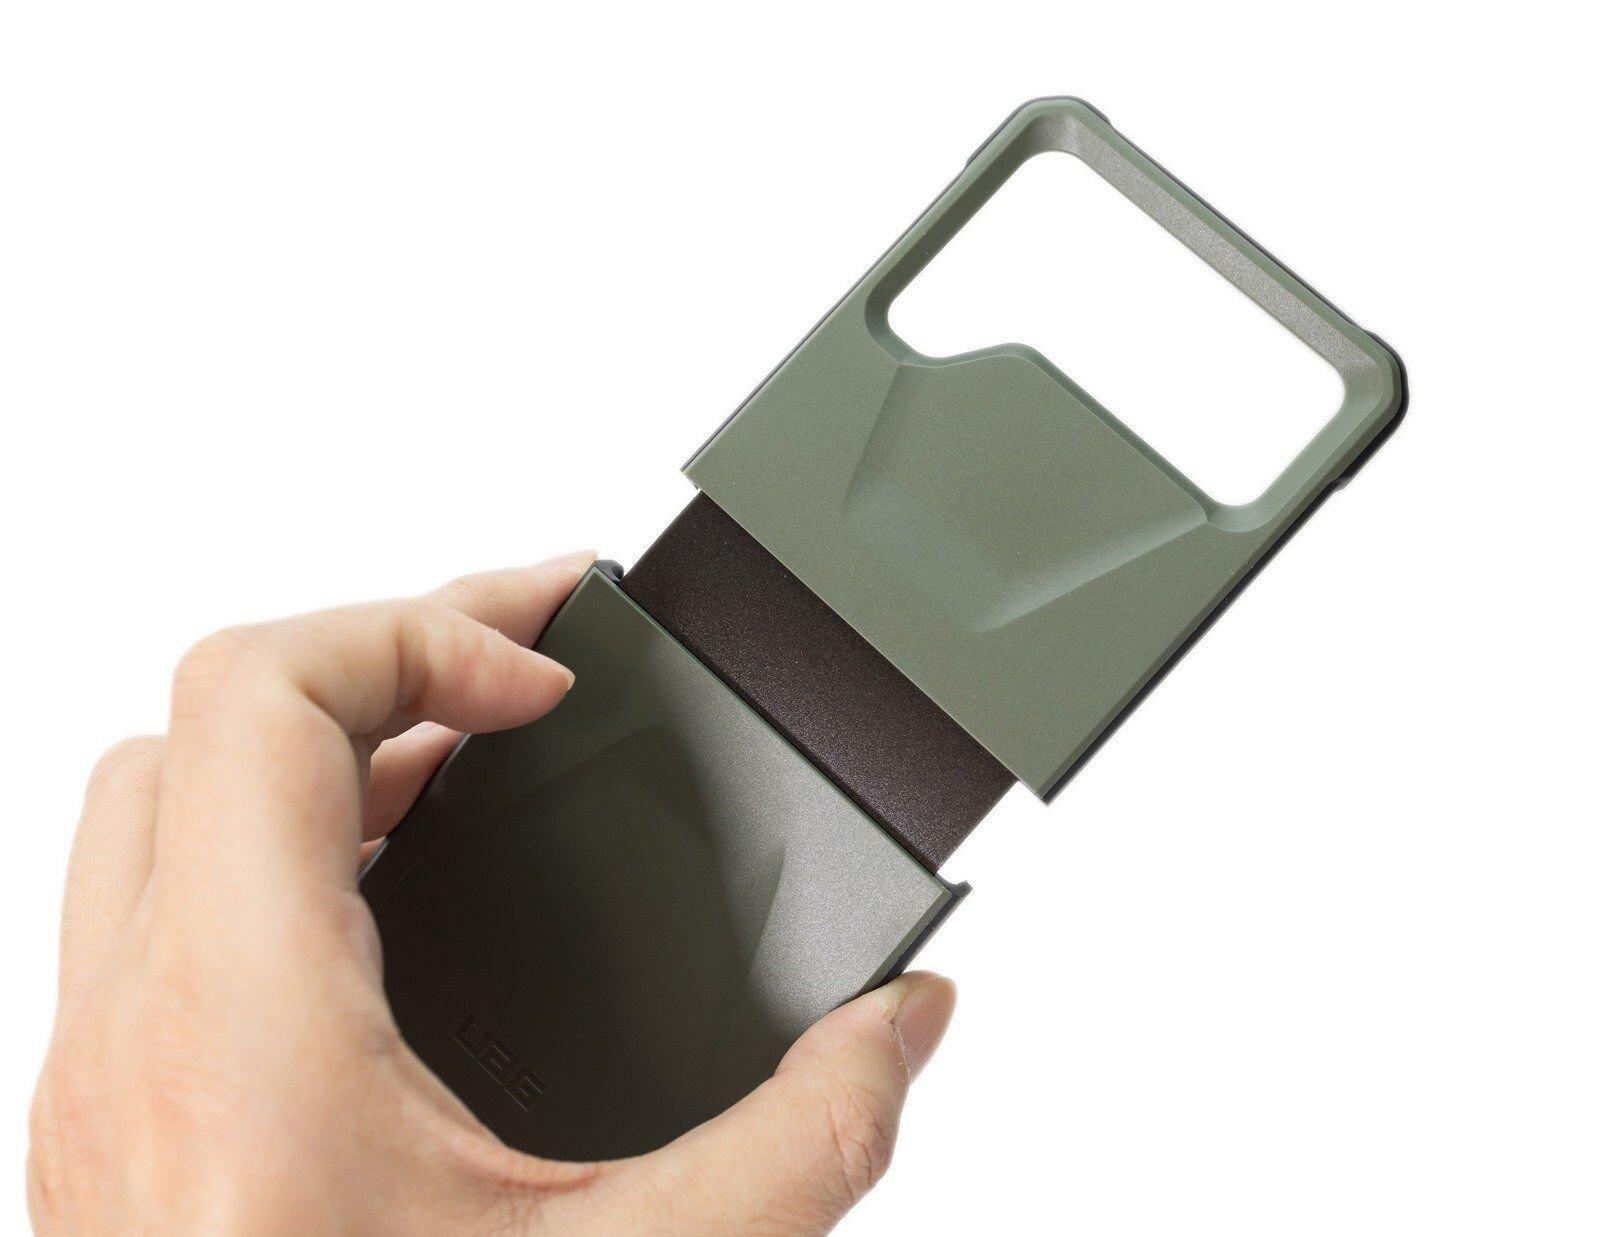 Z Flip 3 也有軍規防摔殼!UAG 耐衝擊簡約 Z Flip 3 保護殼開箱分享~ 圖多(綠色款 + 綠色 Z Flip 實際安裝)@3C 達人廖阿輝